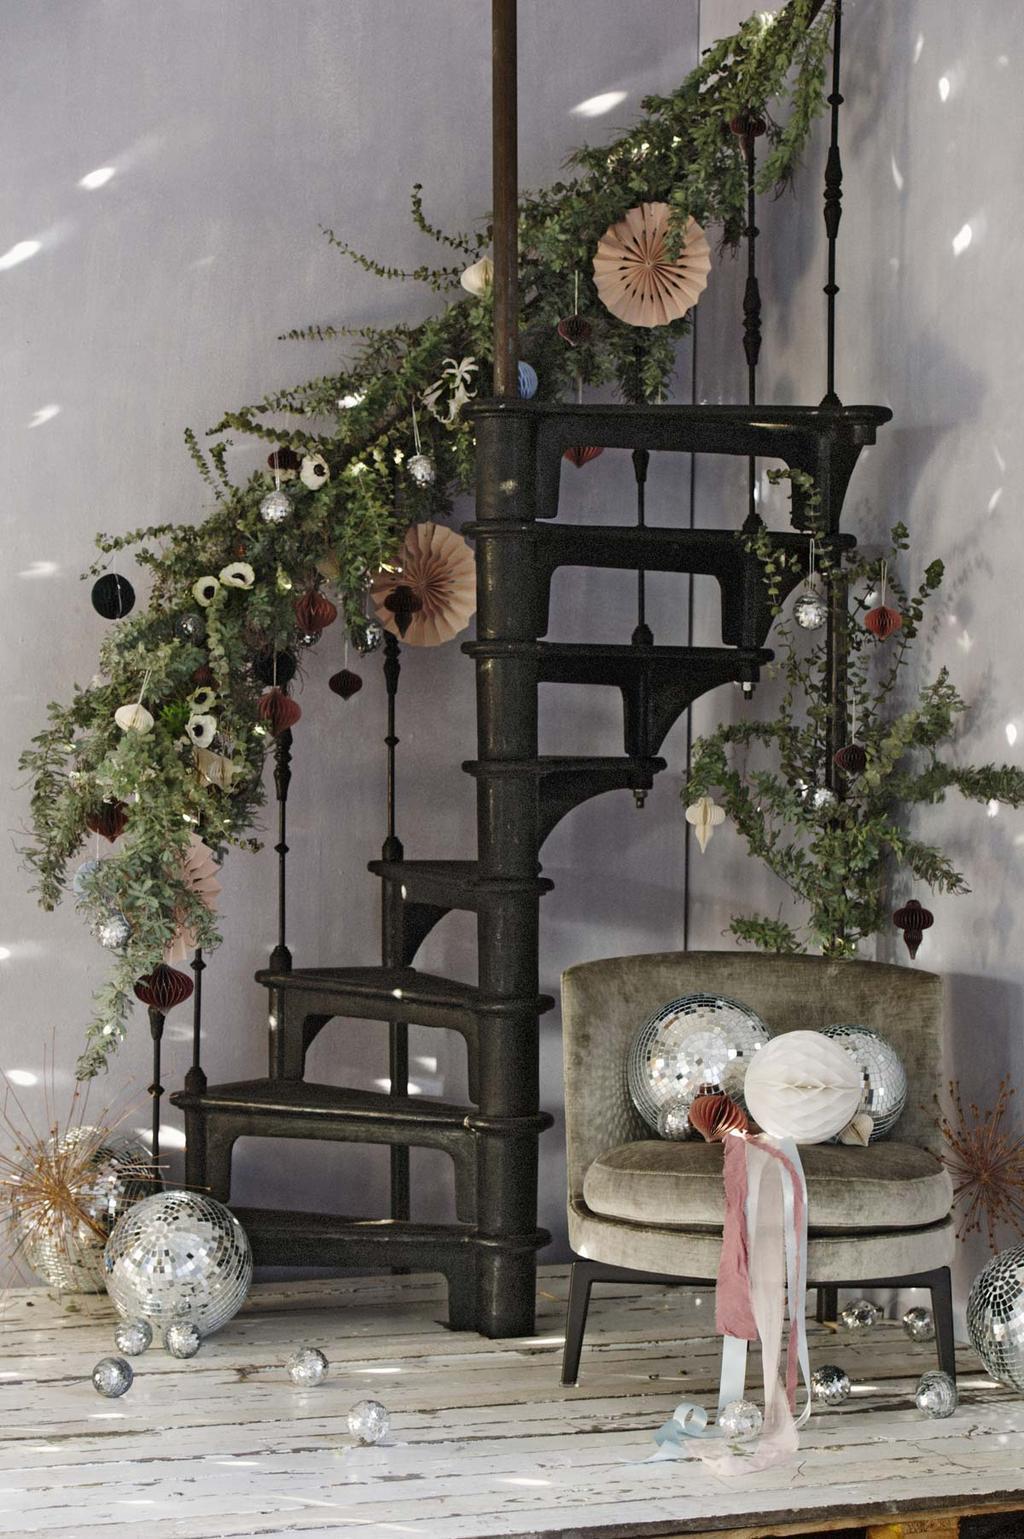 Trap versierd met bloemen, groen en feest decoratie voor het nieuwe jaar.